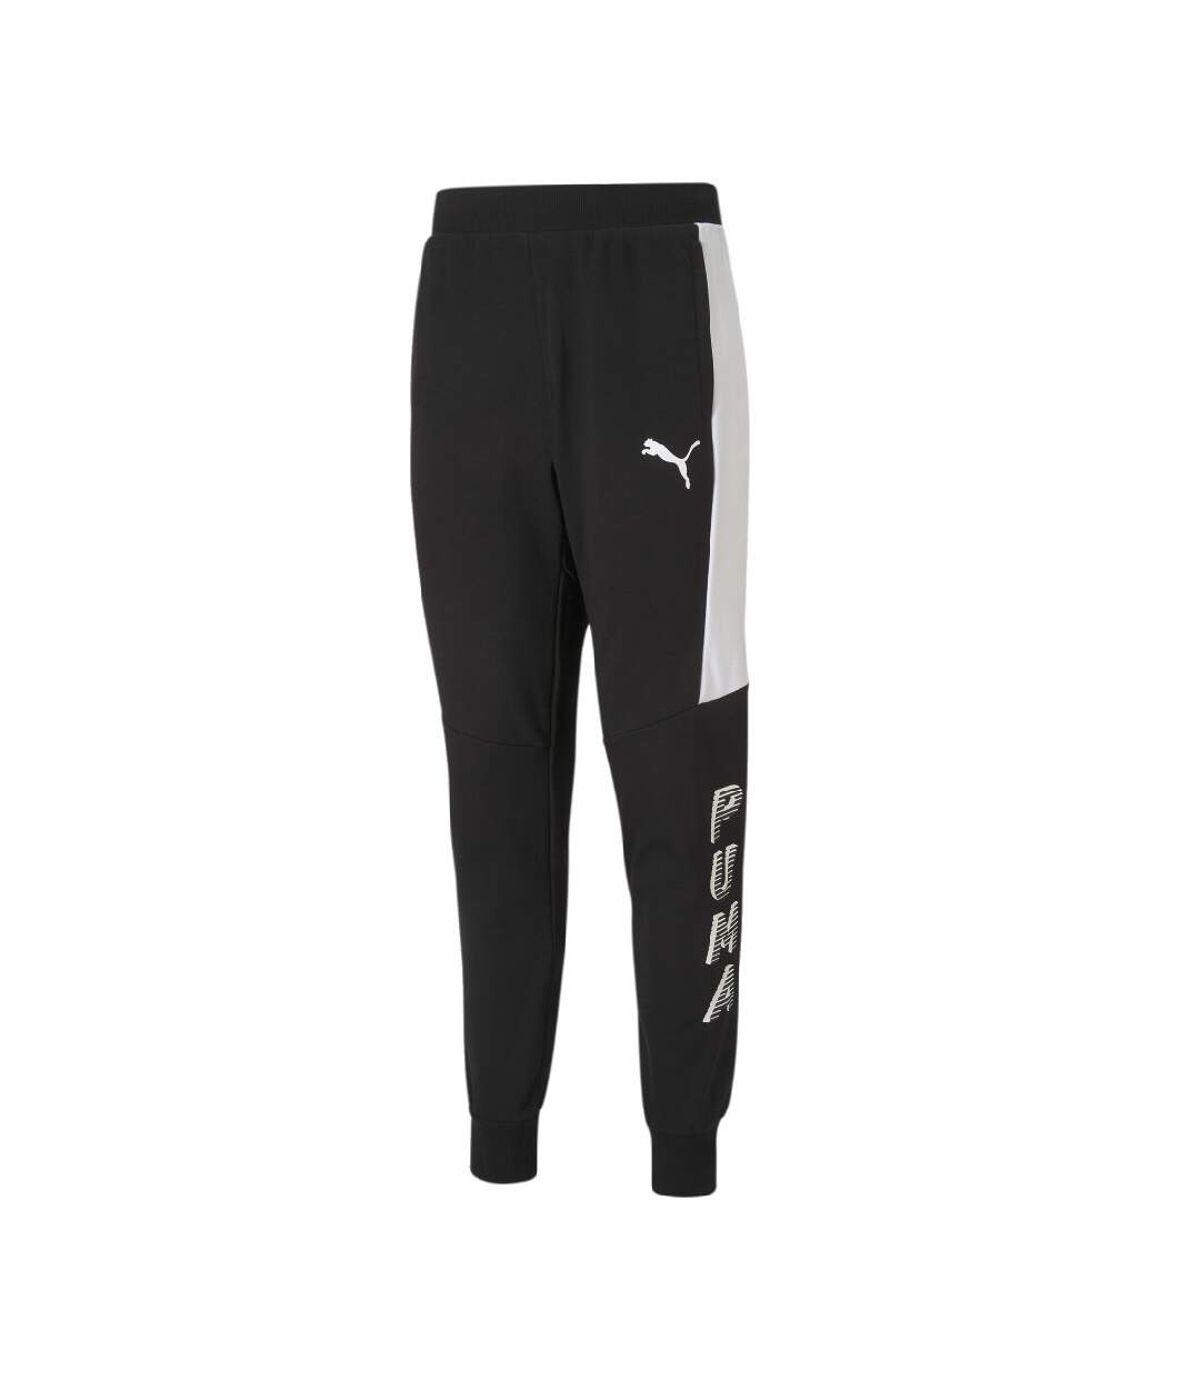 Pantalon de survêtement Noir Homme Puma Modern Sport